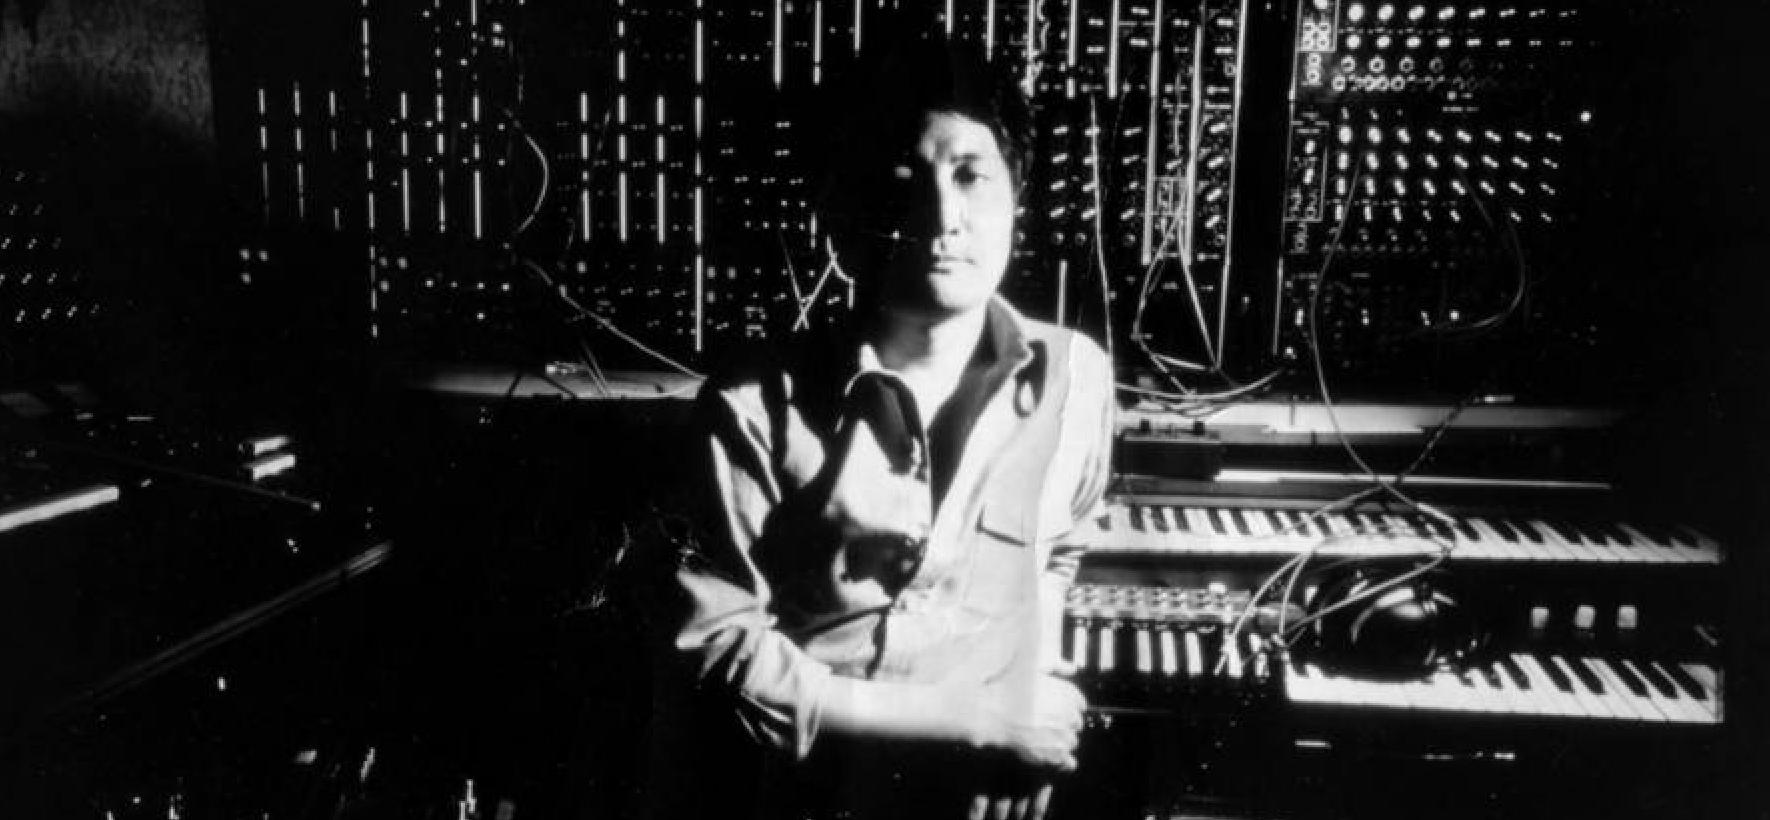 Bild von Isao Tomita im Jahr 1975